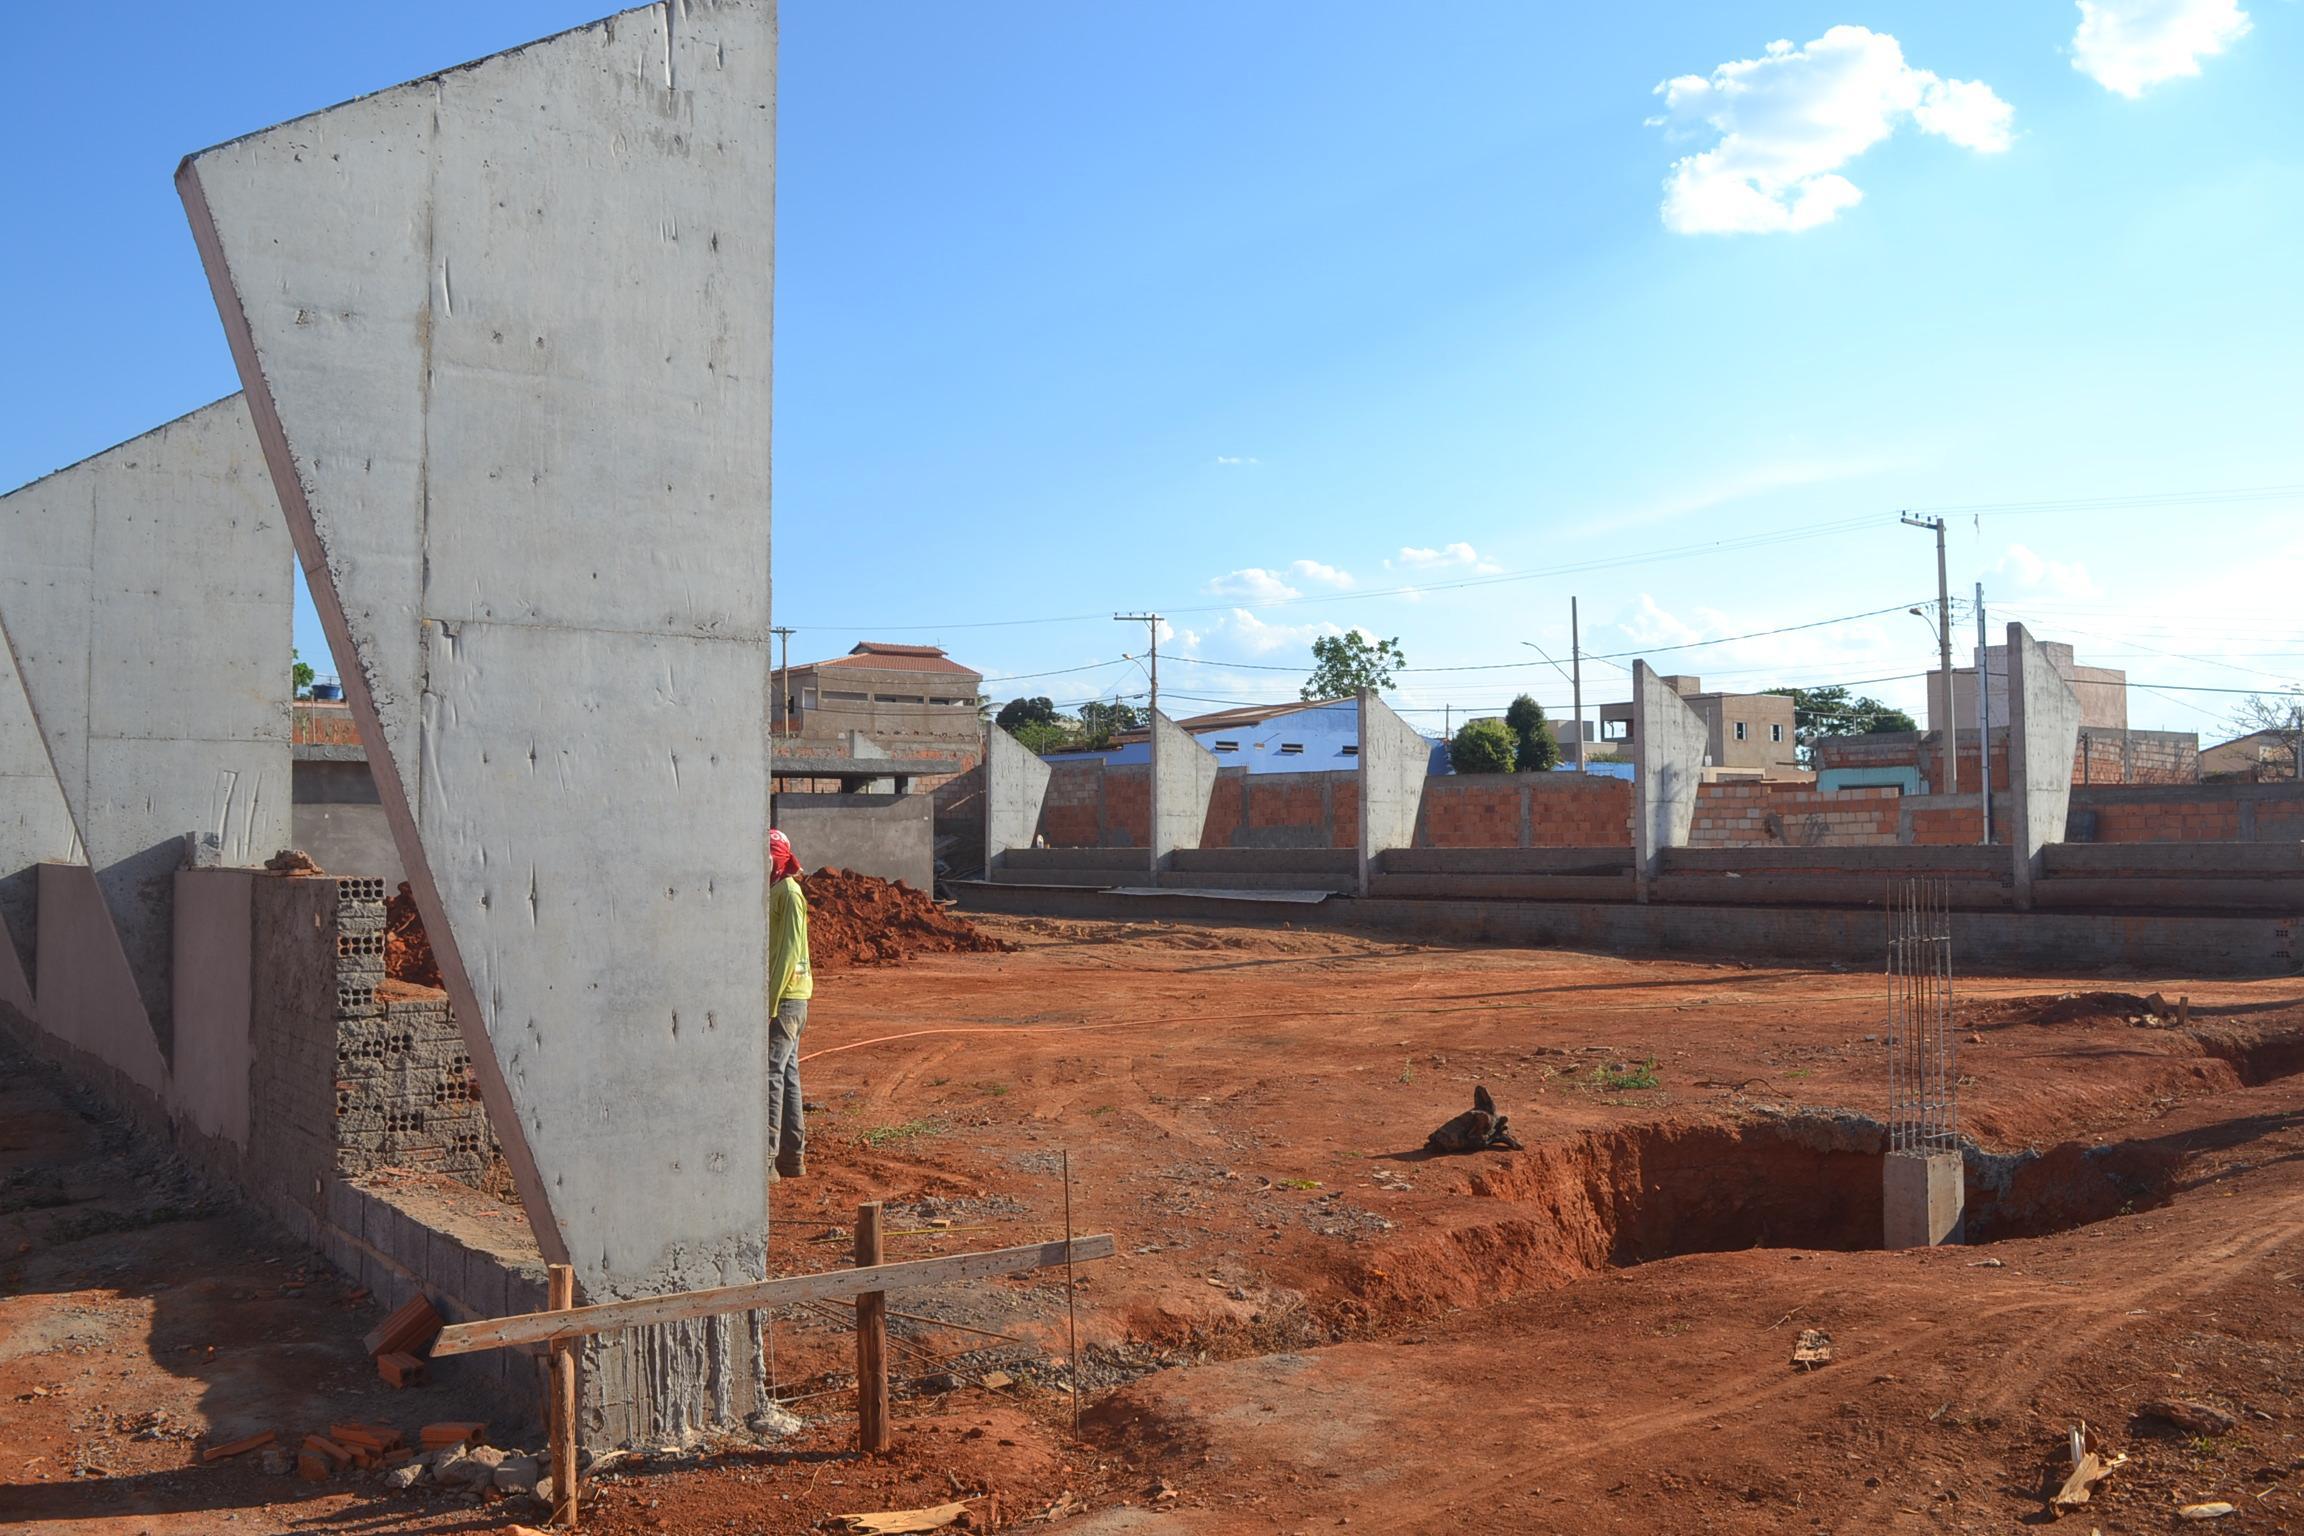 Imagem de destaque Prefeitura constrói quadra poliesportiva no bairro Independência